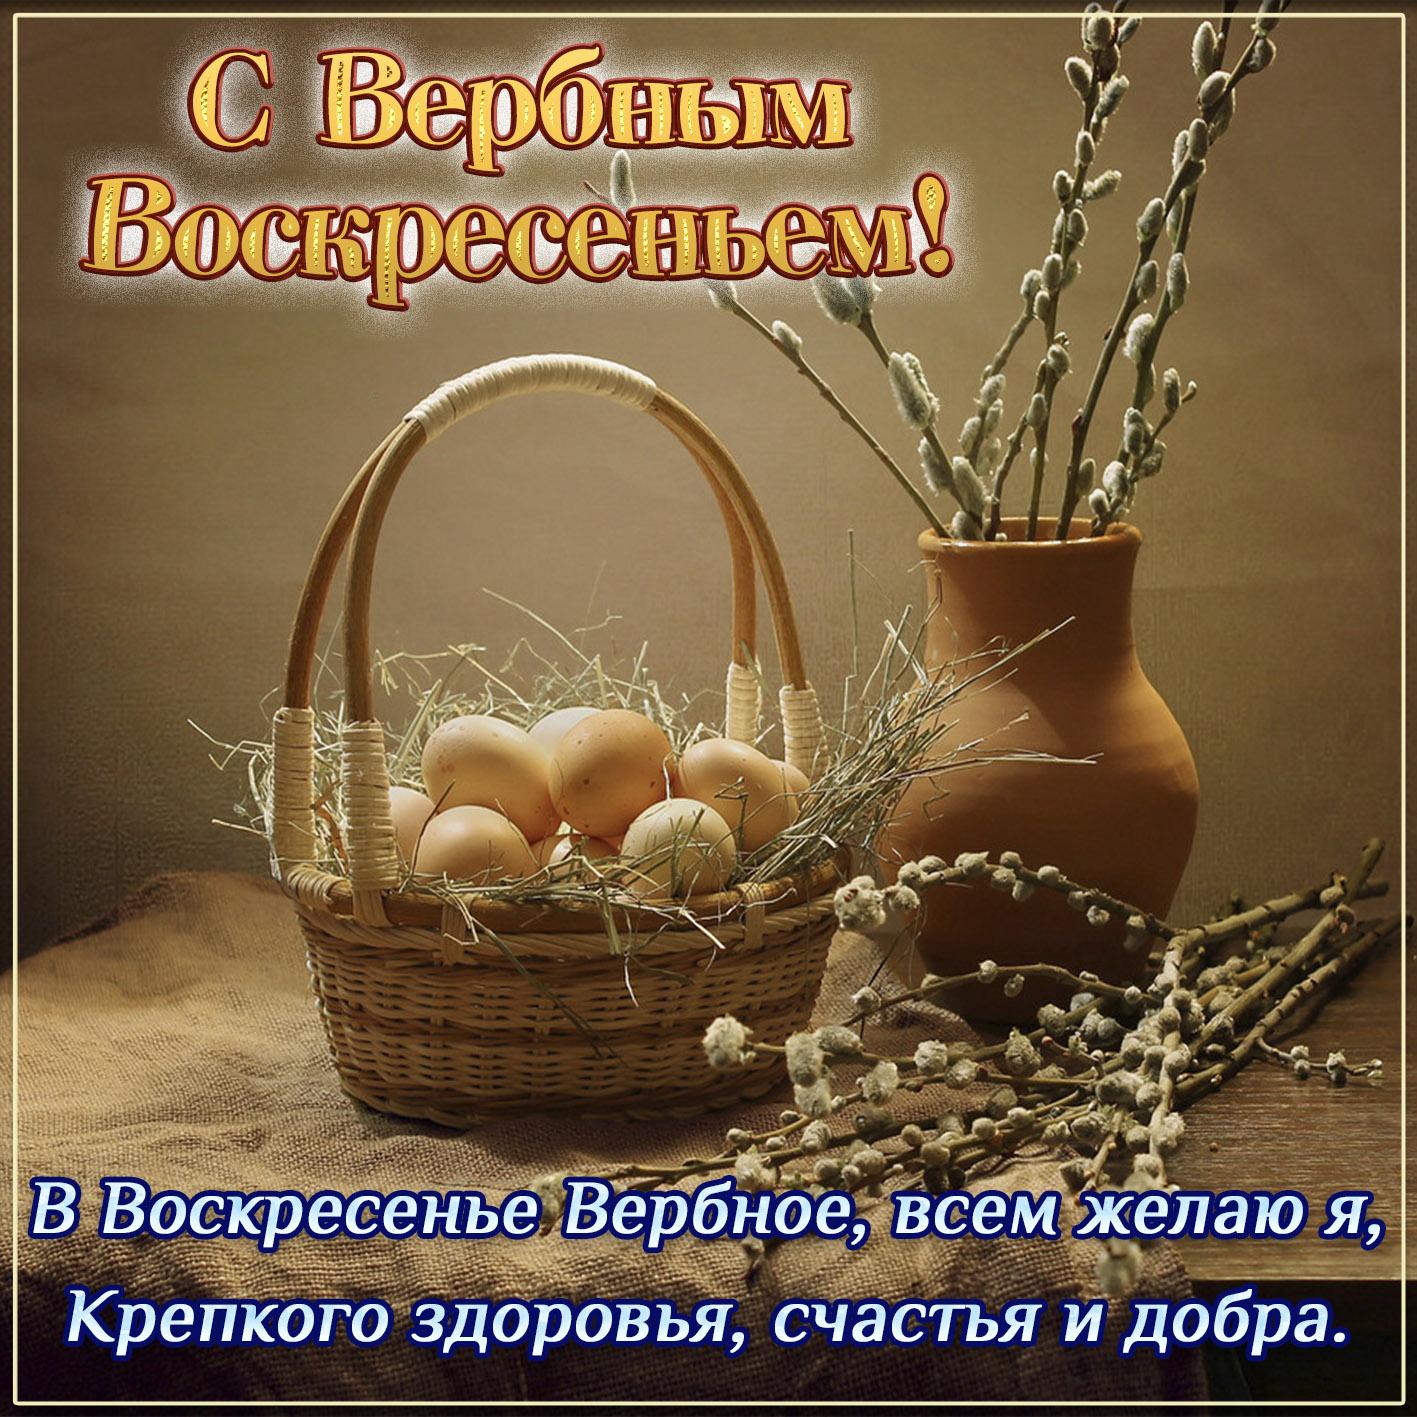 Открытка на Вербное Воскресенье - натюрморт с вербой и добрым пожеланием